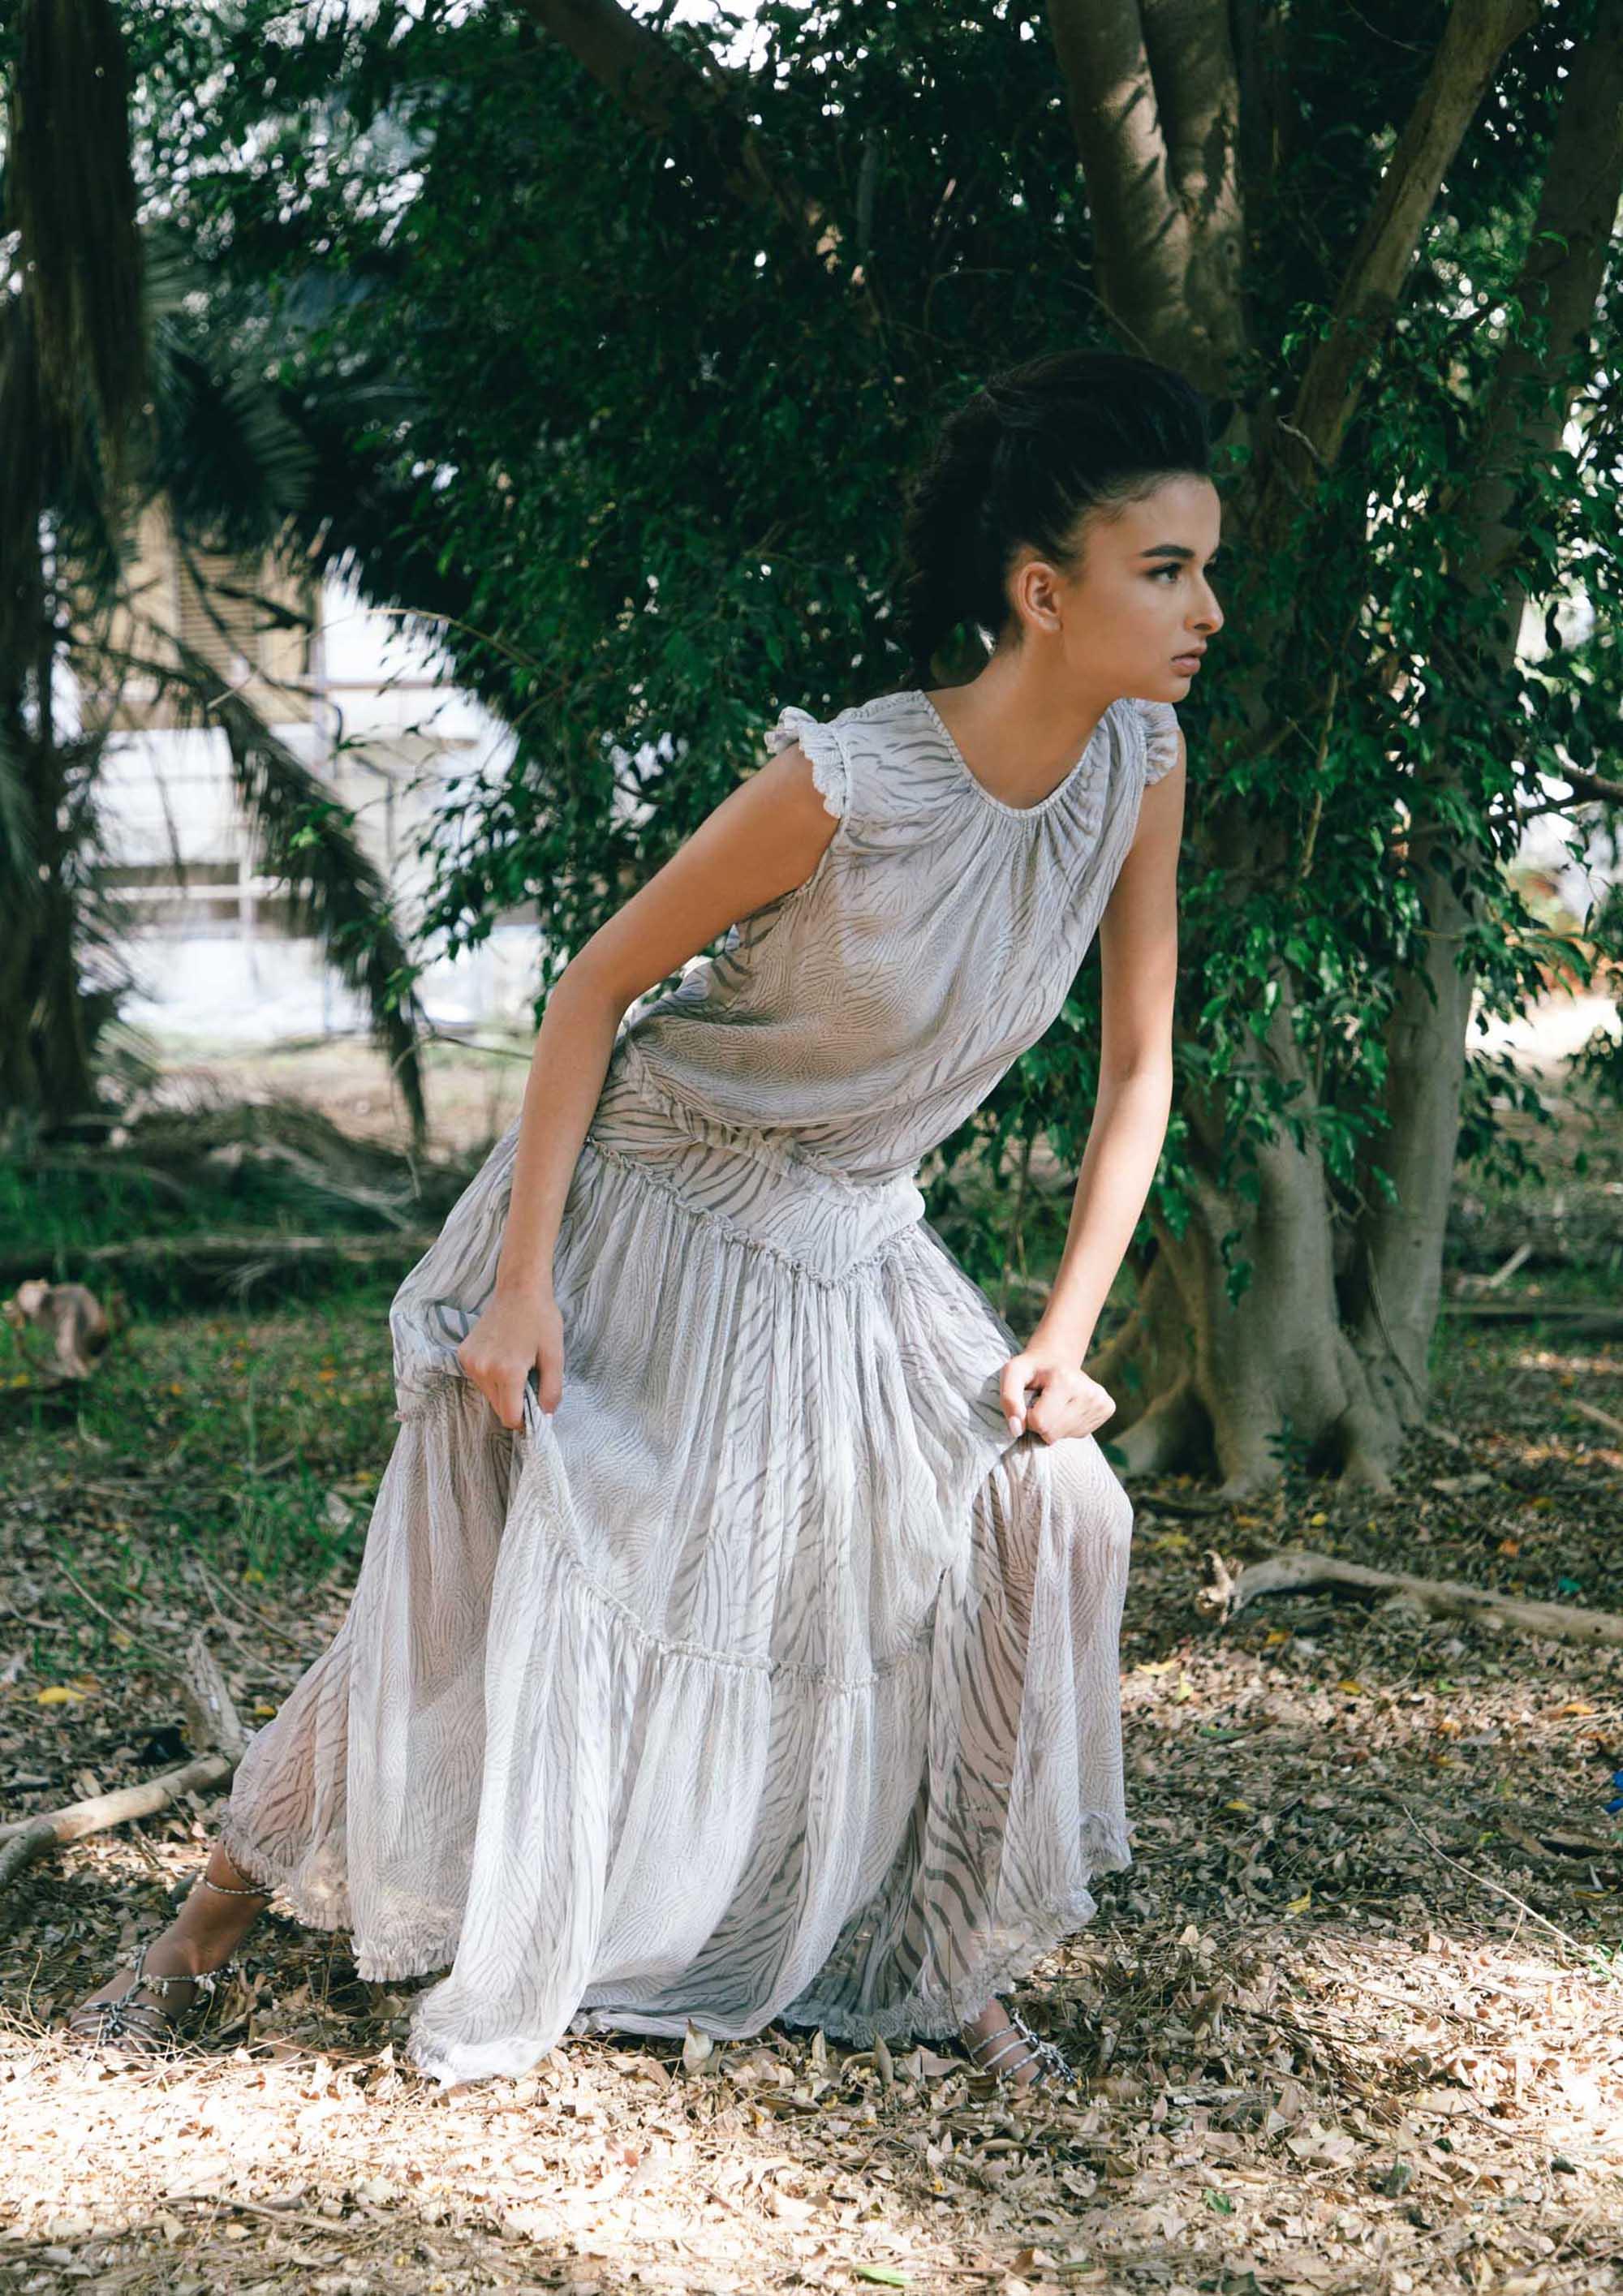 אופנה, Fashion Academy: סטיילינג: Liron Dishel Stylementor, צילום Dana Lavie, איפור ועיצוב שיער Tal Lavie, דוגמנית: Benhai Marie ל-Yuli Models, מגזין אופנה -5